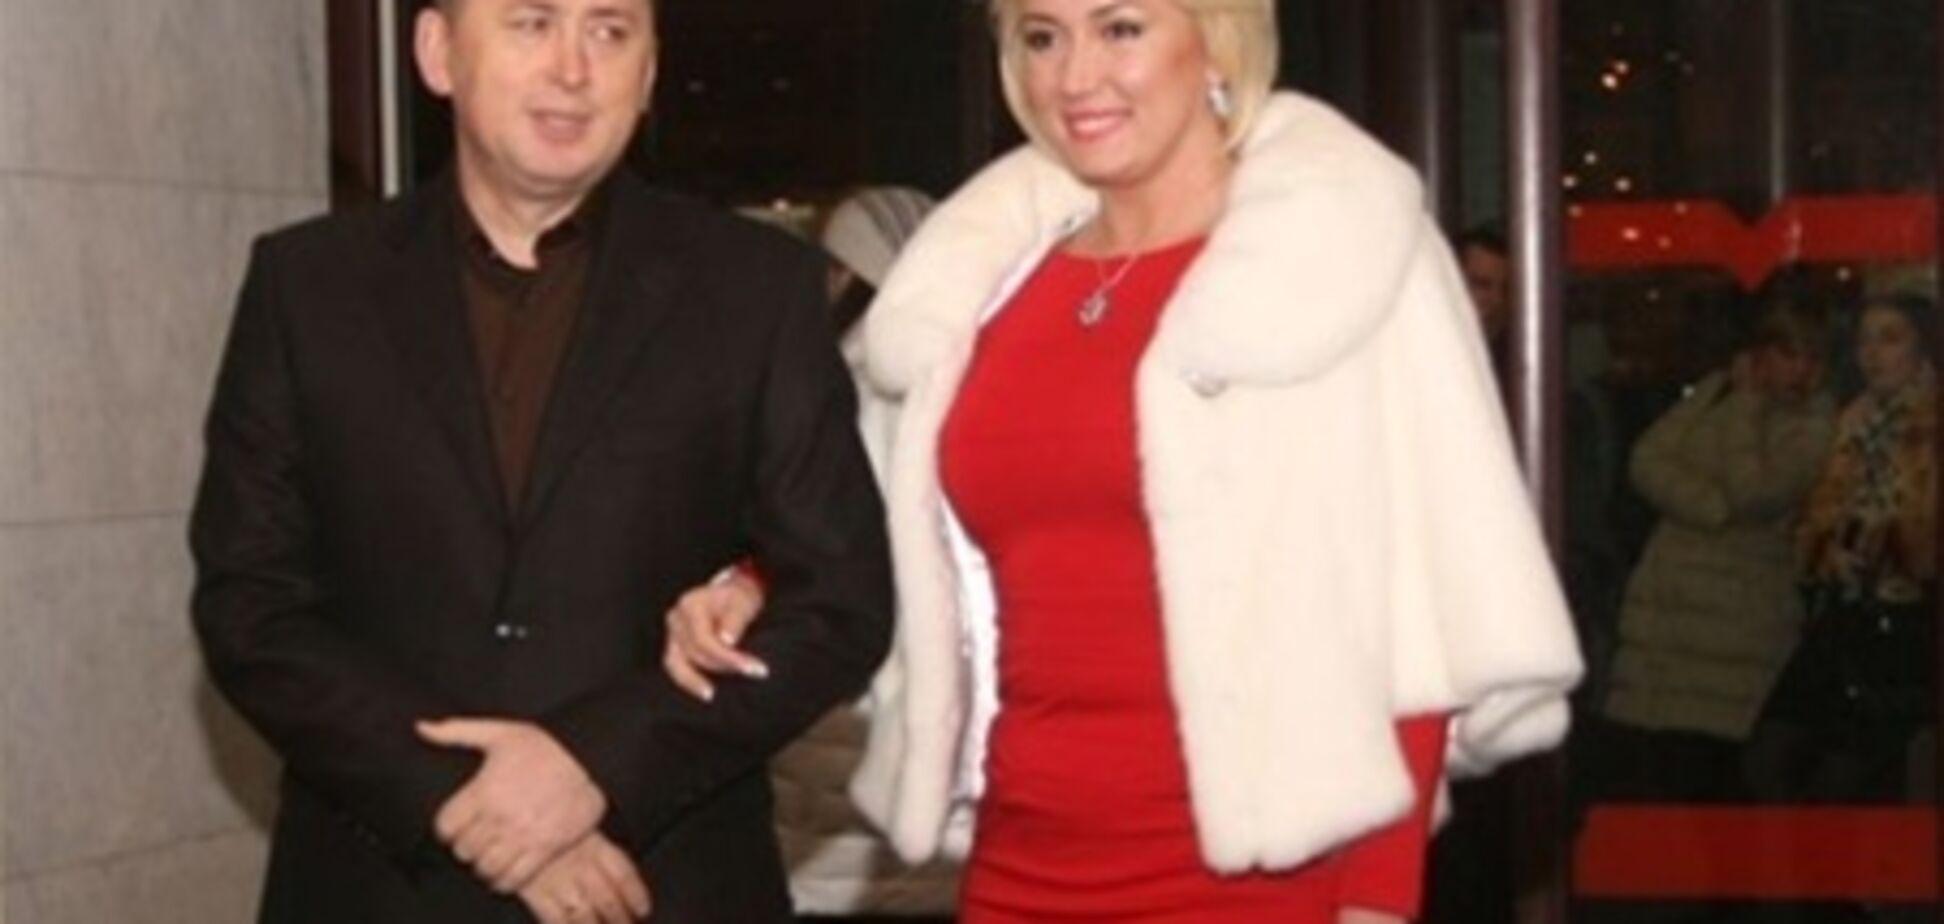 Розинська під час скандалу прокричала, що вагітна. Відео